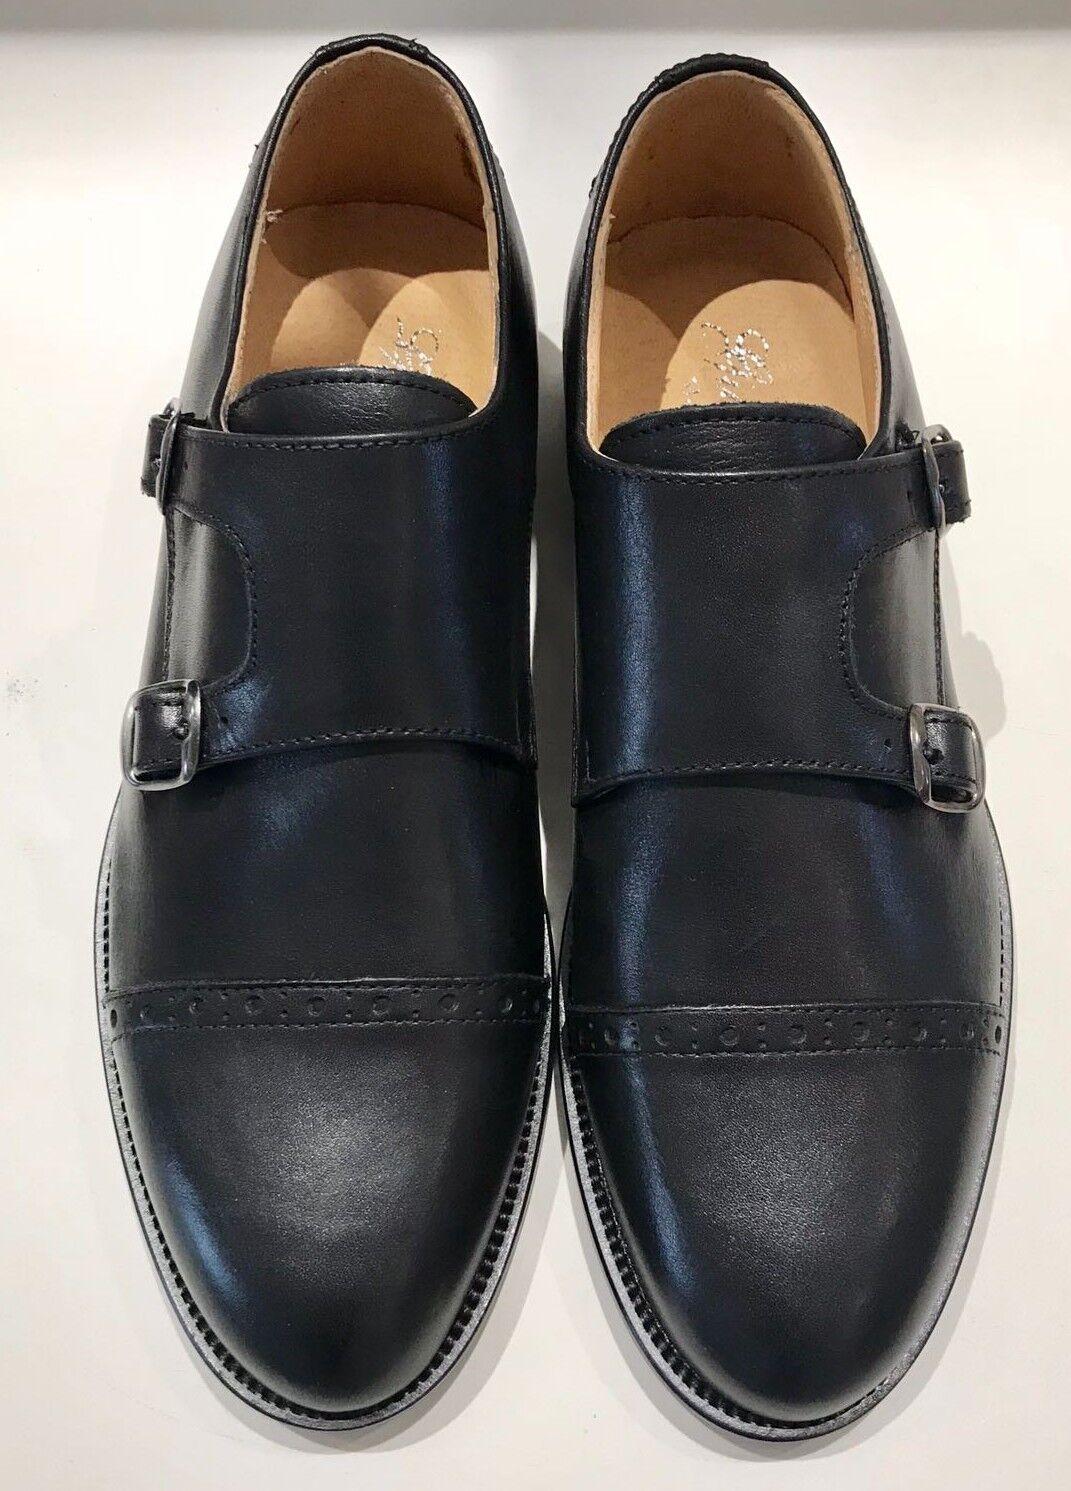 Chaussures hommes DOPPIA FIBBIA FRANCESINE PELLE noir CLASSICA (020MP 020)